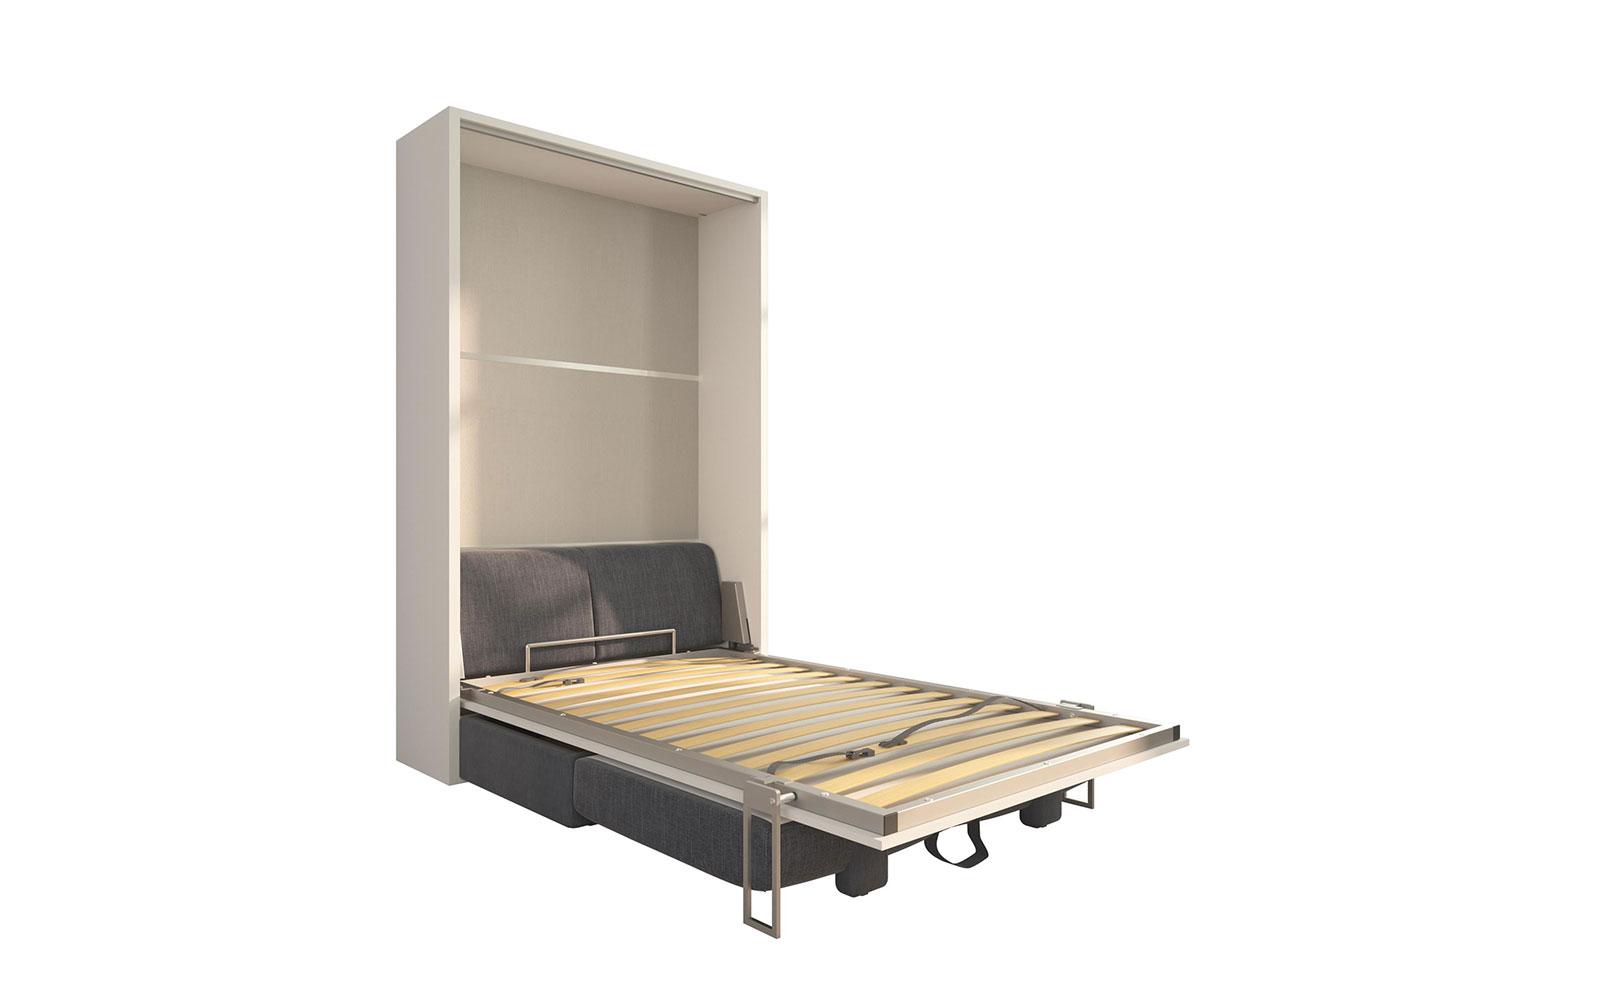 Piuma Sofa 120 - Letto piazza e mezzo a scomparsa con divano contenitore  Easy